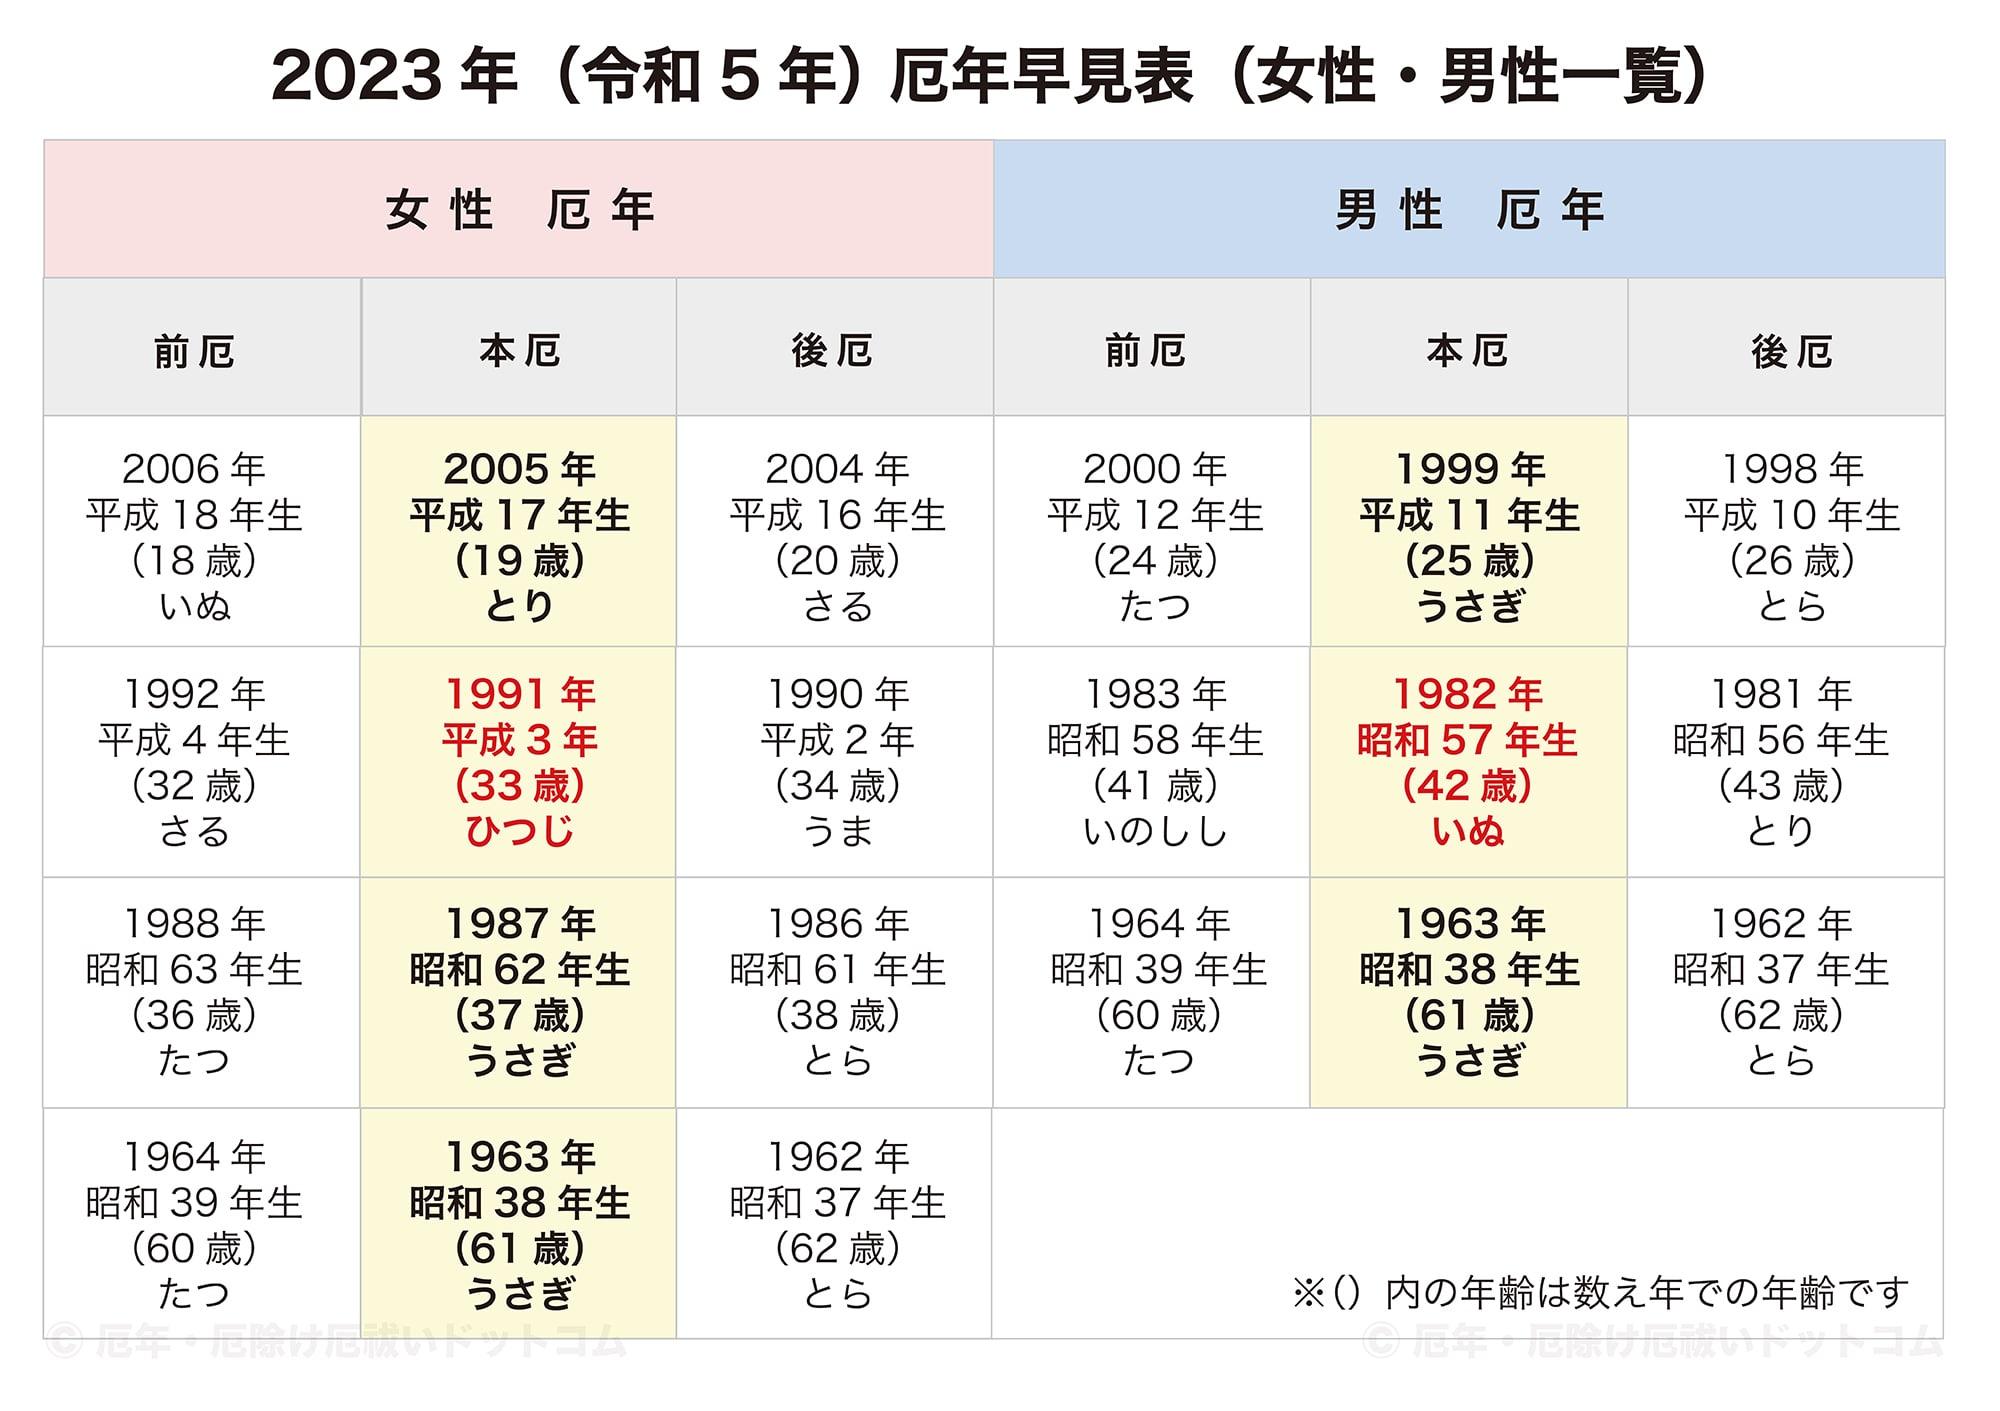 年 和 2023 令